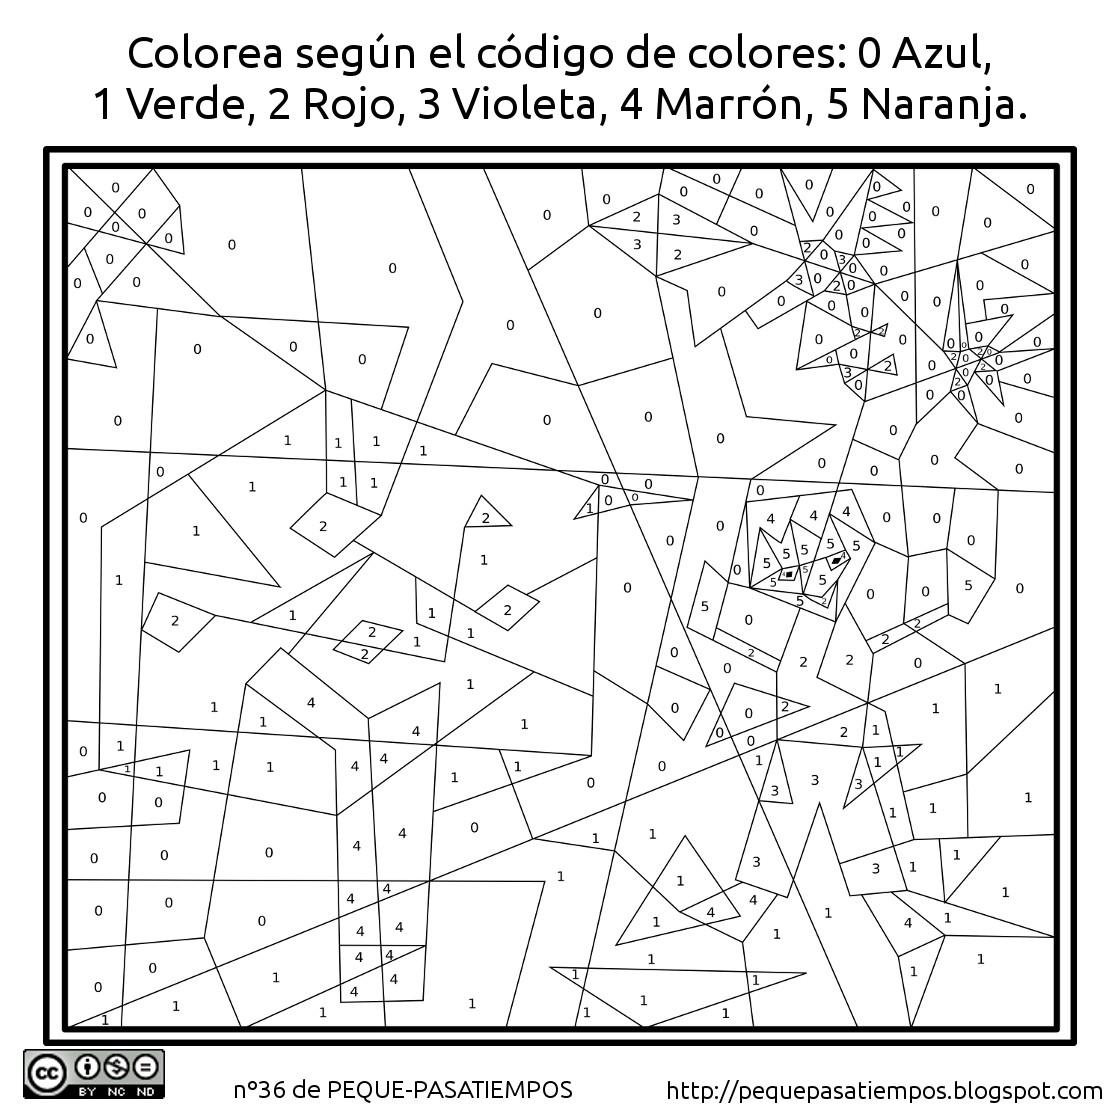 Peque-pasatiempos: Colorear